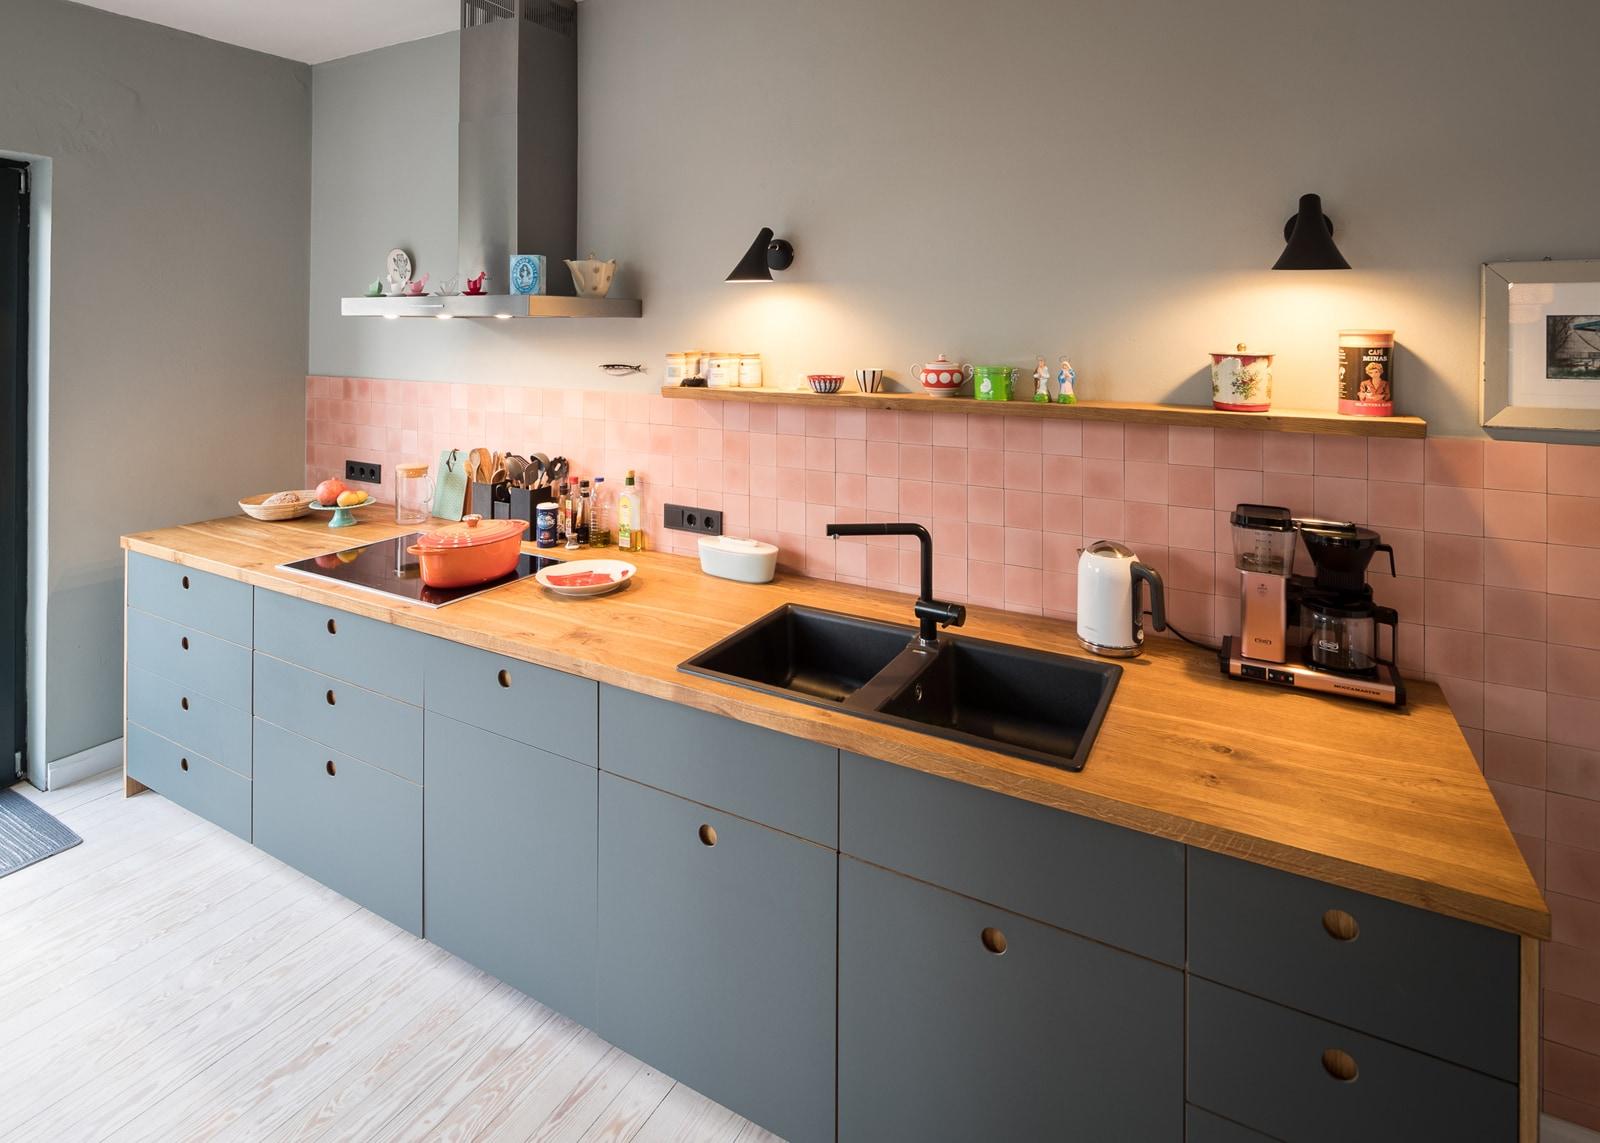 zementmosaikplatten-nummer-30-rosa-kueche-foto-Jan Meier-viaplatten |